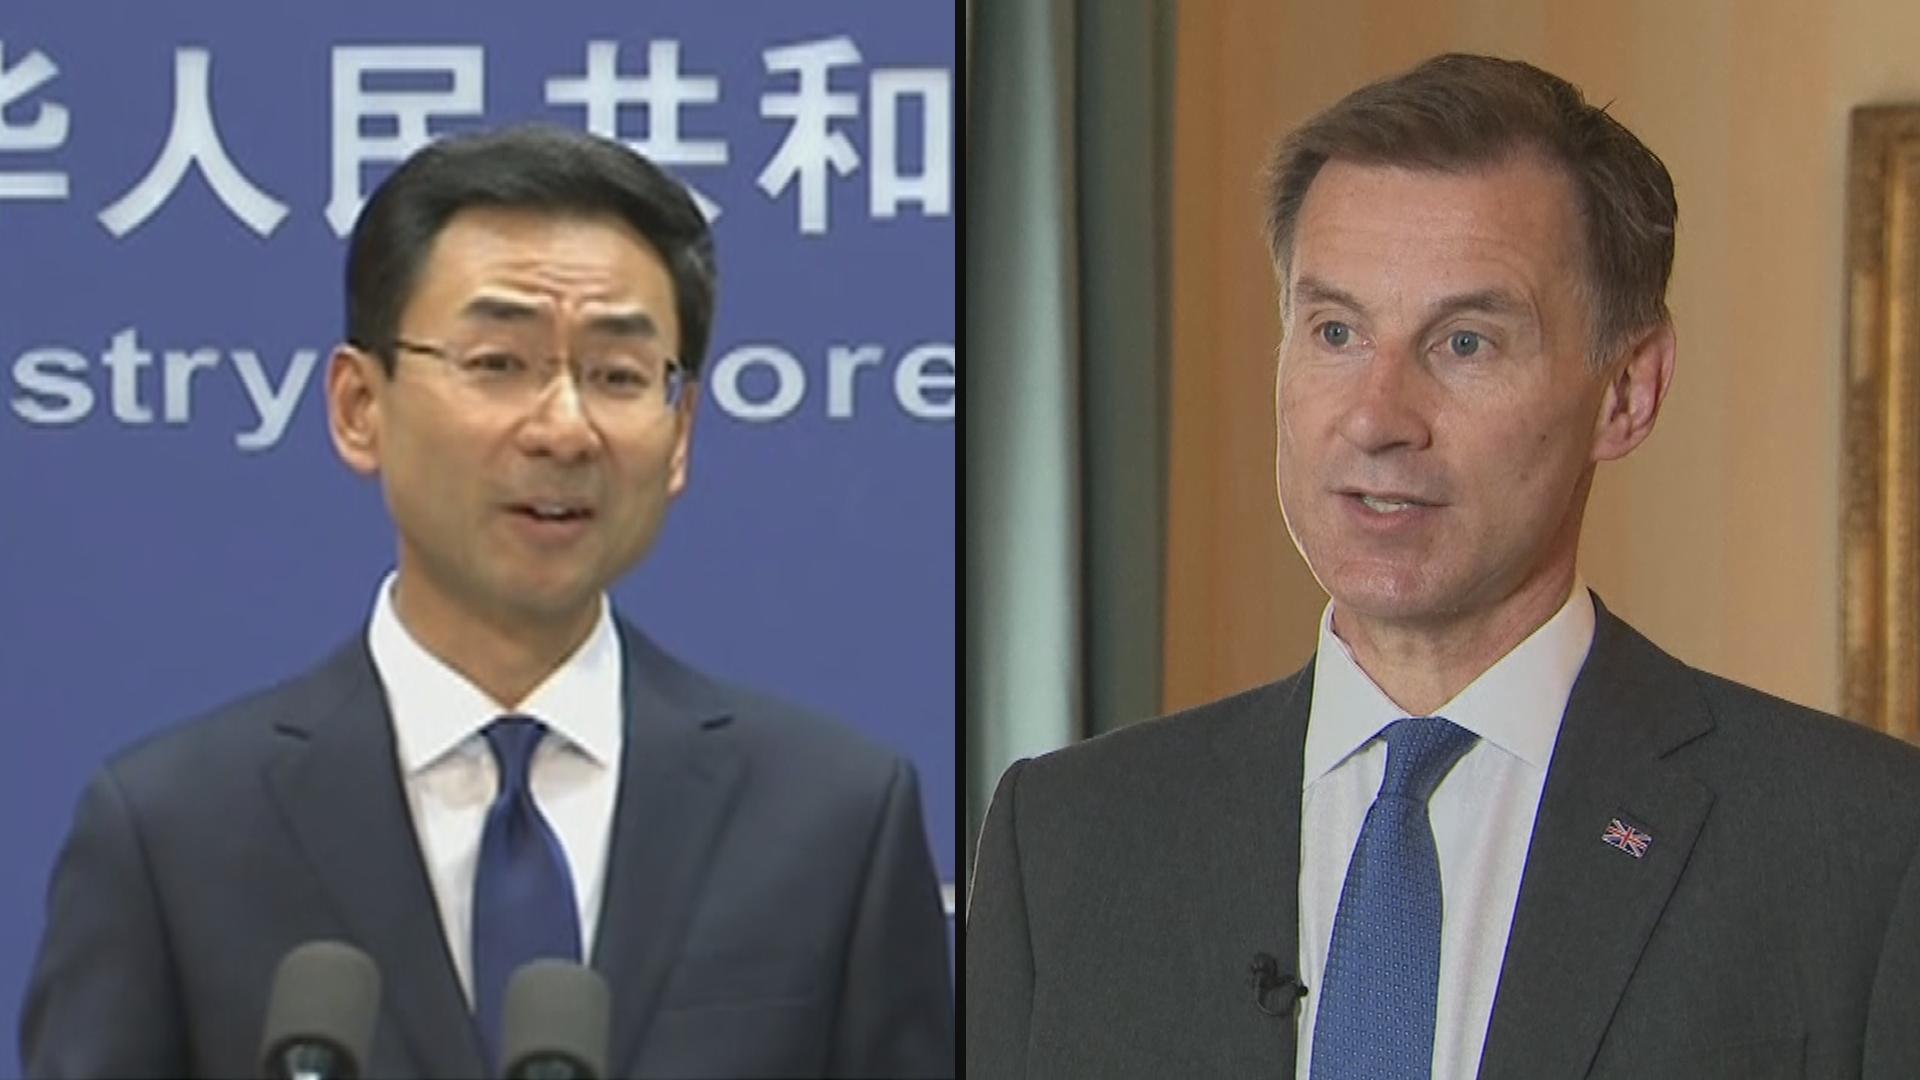 【即日焦點】侯俊偉再就香港問題發言 外交部:英方勿執迷不悟、一錯再錯;柯文哲上海出席論壇稱盼兩岸一家親